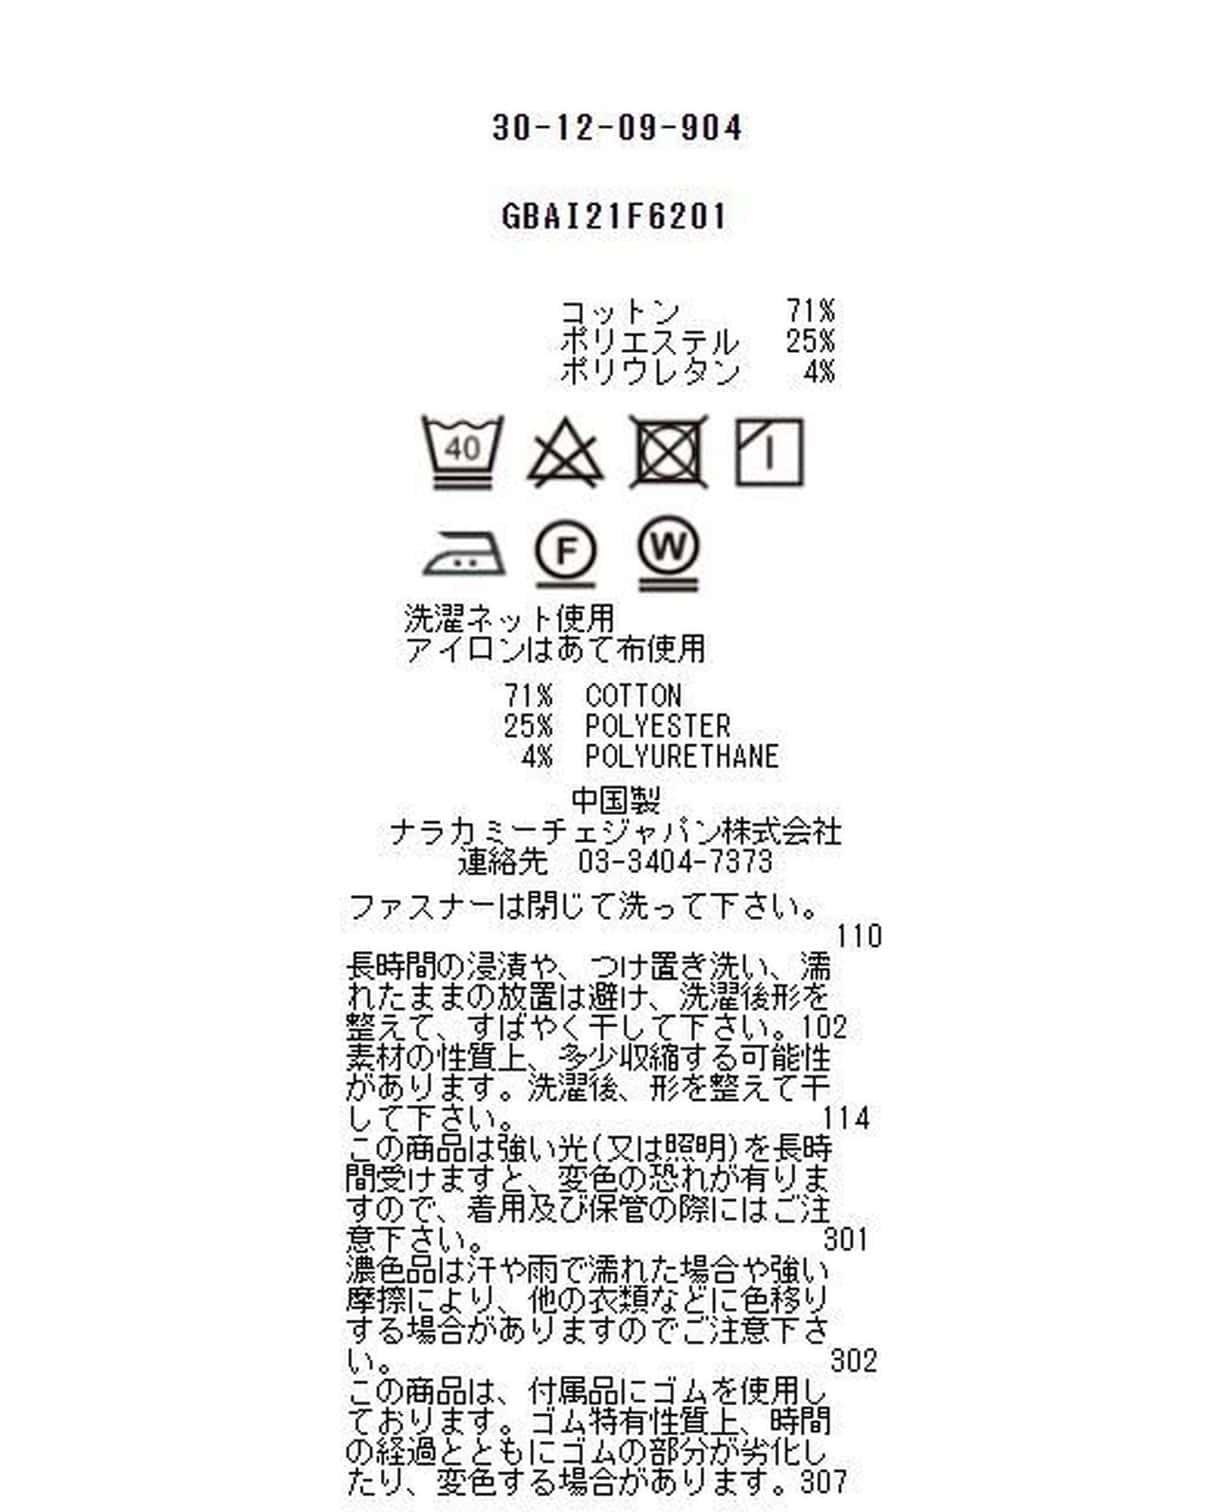 【オンラインストア限定】ストレッチジャガードパンツ